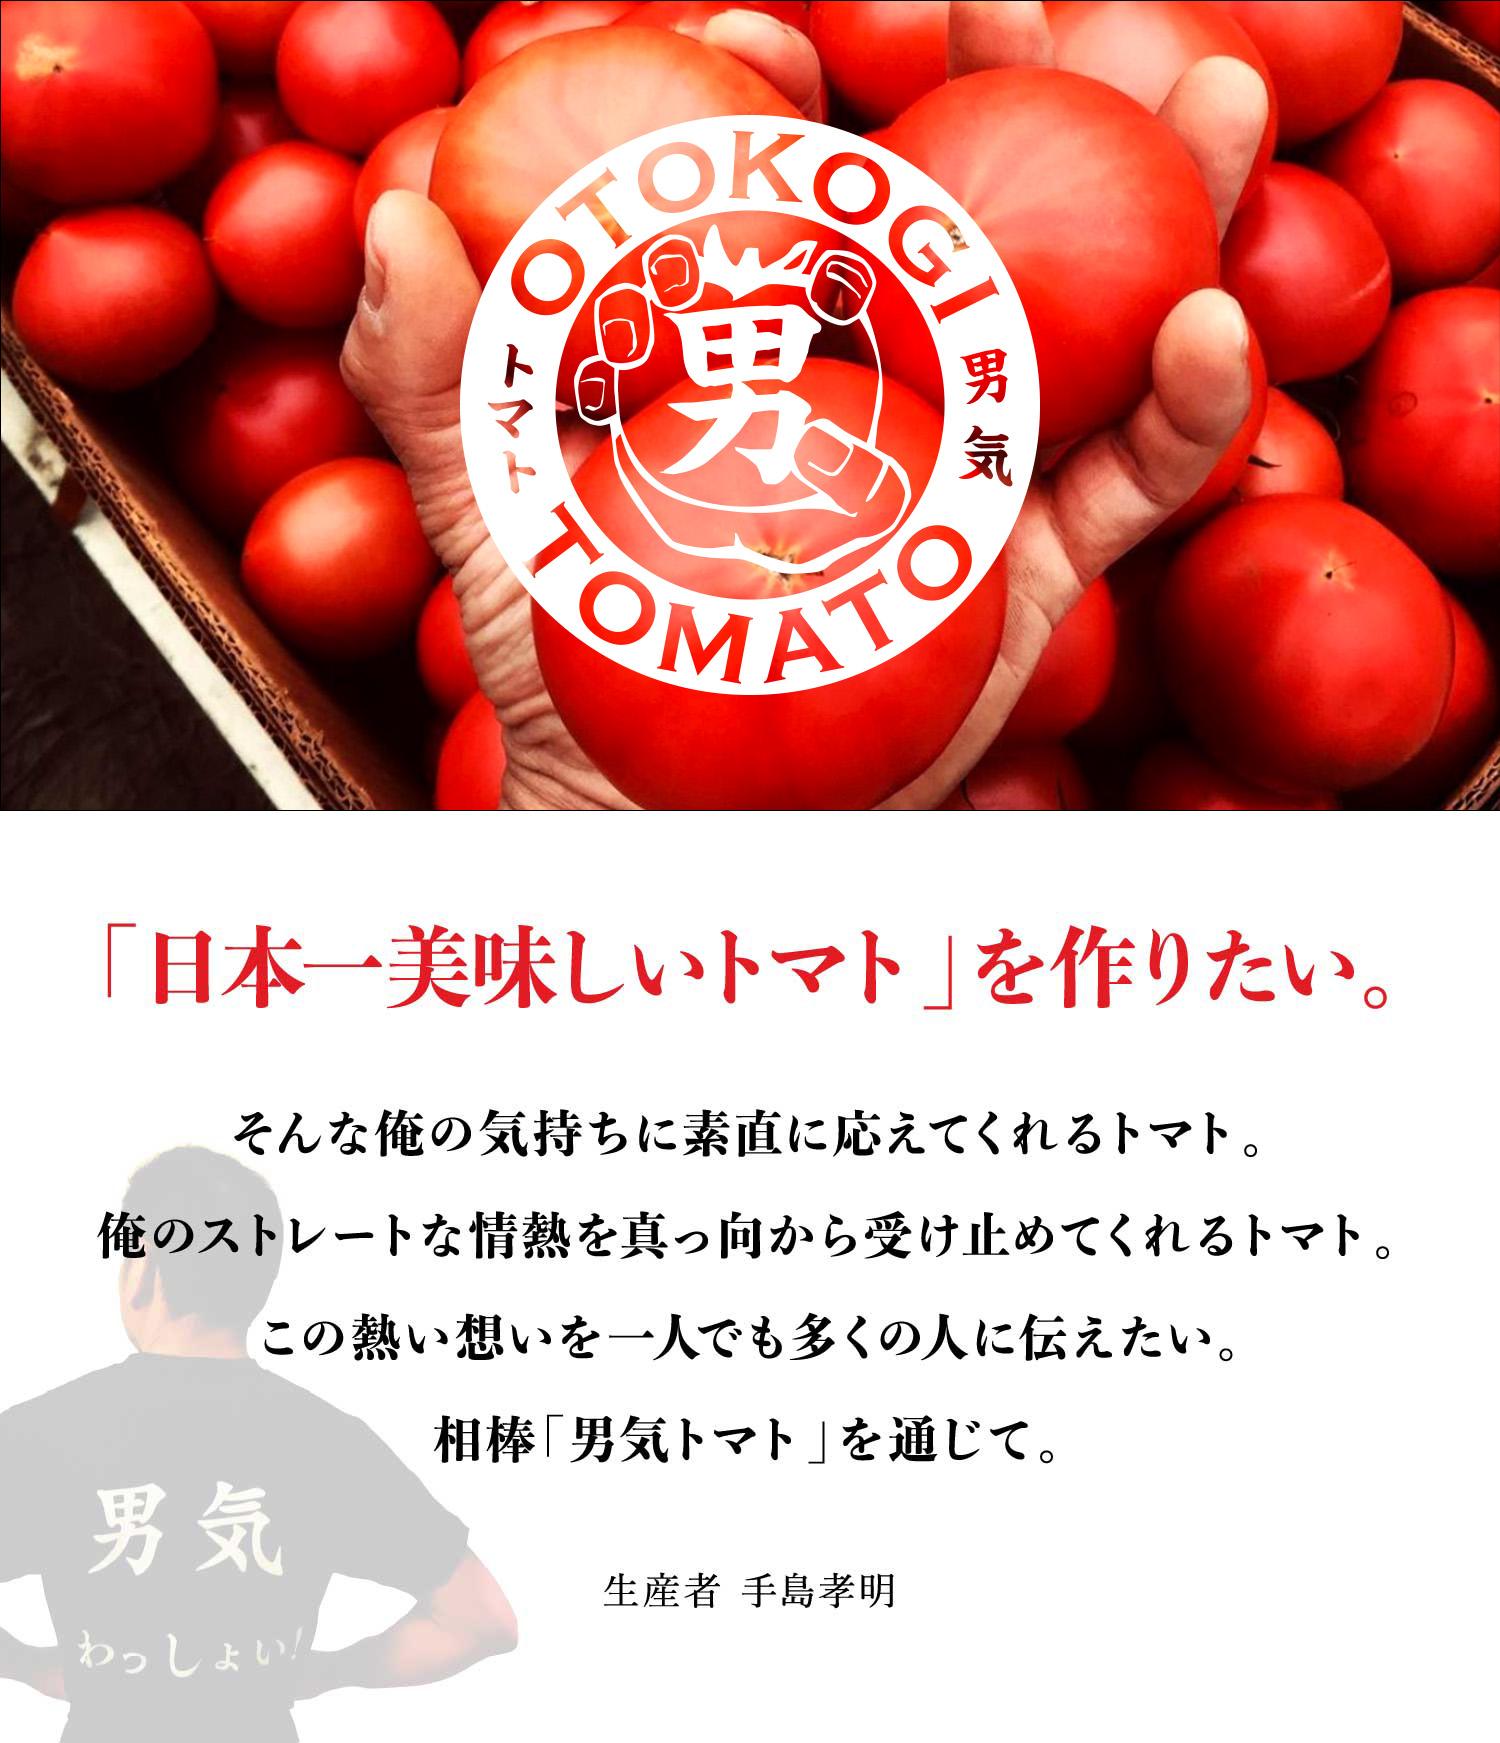 「日本一美味しいトマト」を作りたい。そんな俺の気持ちに素直に応えてくれるトマト。俺のストレートな情熱を真っ向から受け止めてくれるトマト。この熱い想いを一人でも多くの人に伝えたい。相棒「男気トマト」を通じて。 - 生産者 手島孝明